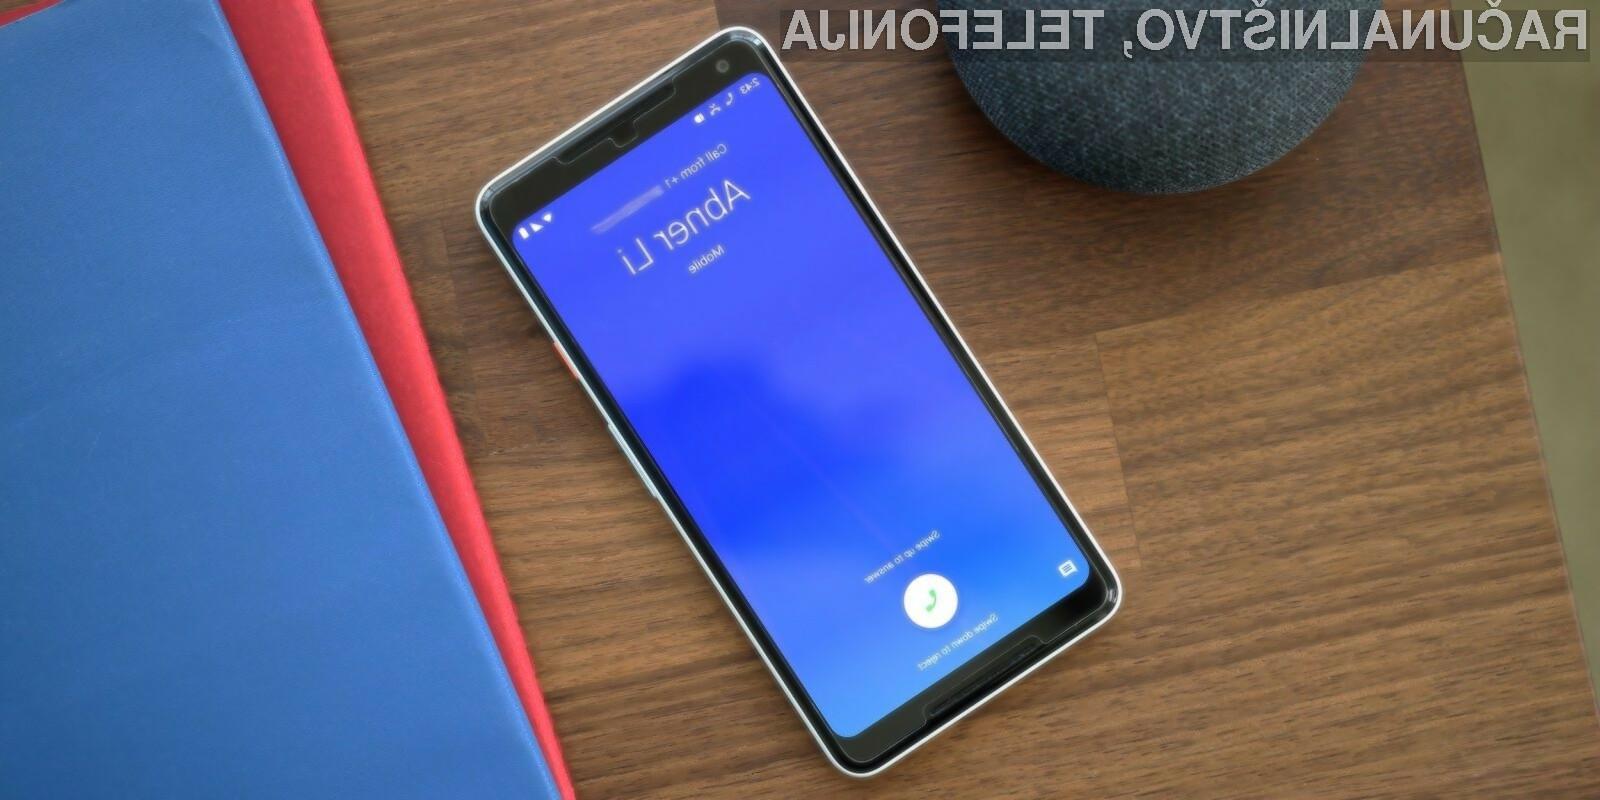 Aplikacija Google Phone je postala še bolj uporabna.